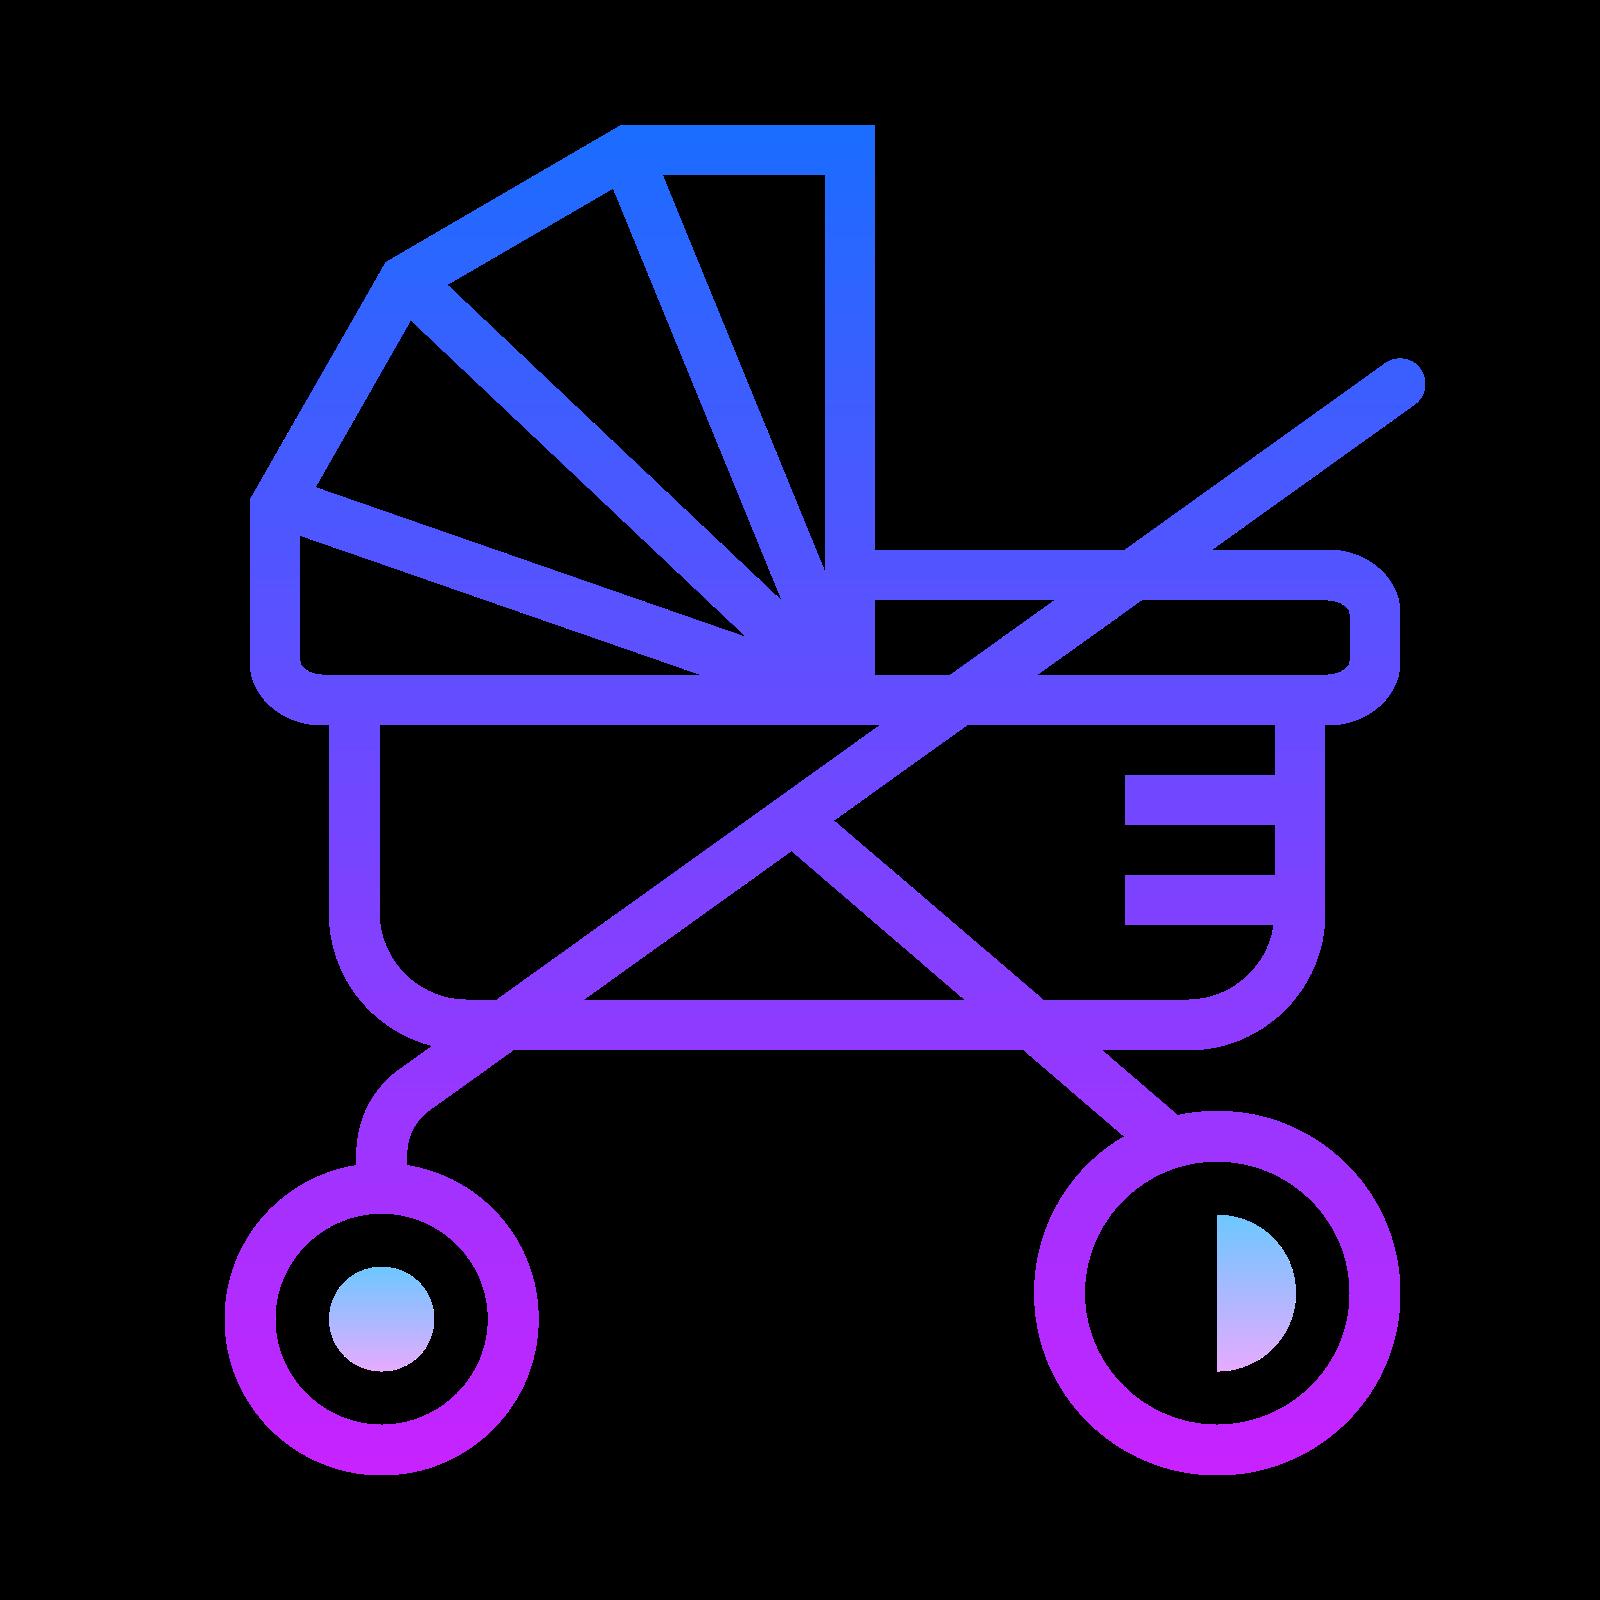 Wózek dziecięcy icon